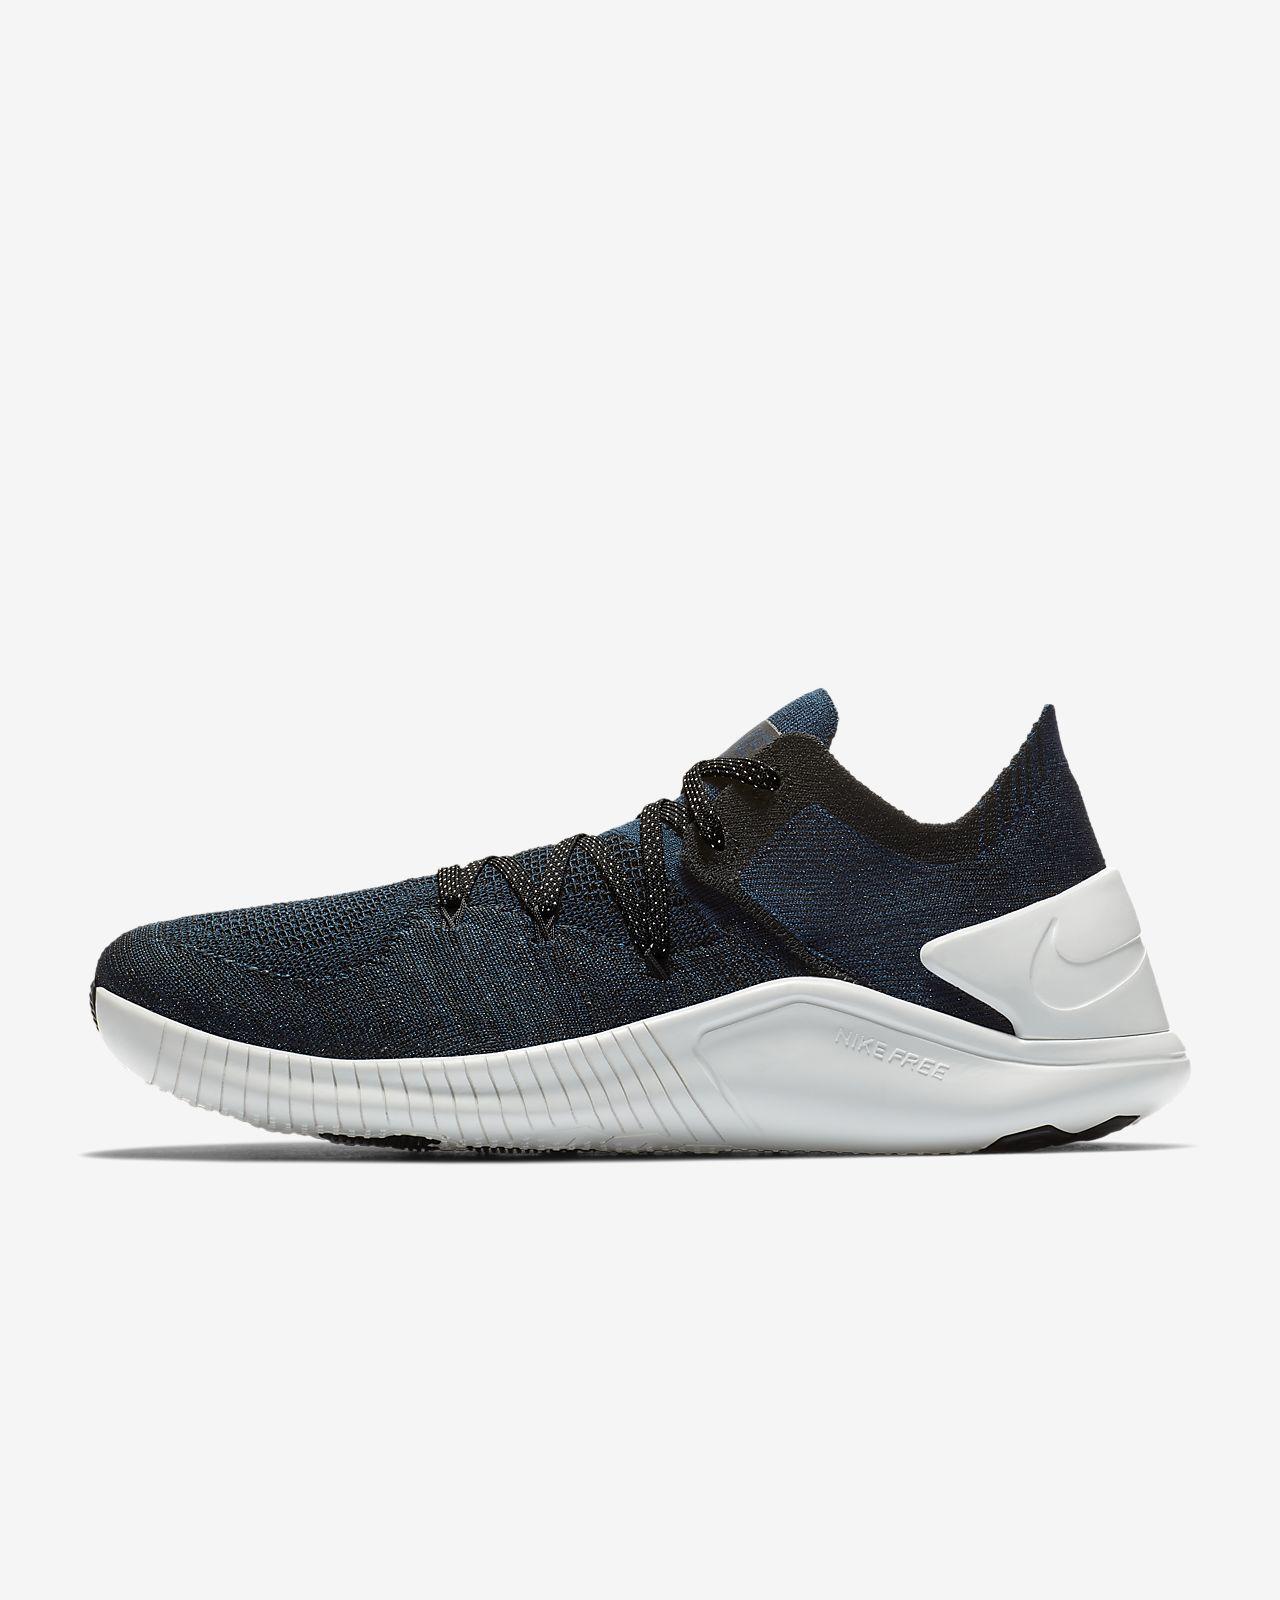 sports shoes 1b041 7851e Women s Training Shoe. Nike Free TR Flyknit 3 Metallic